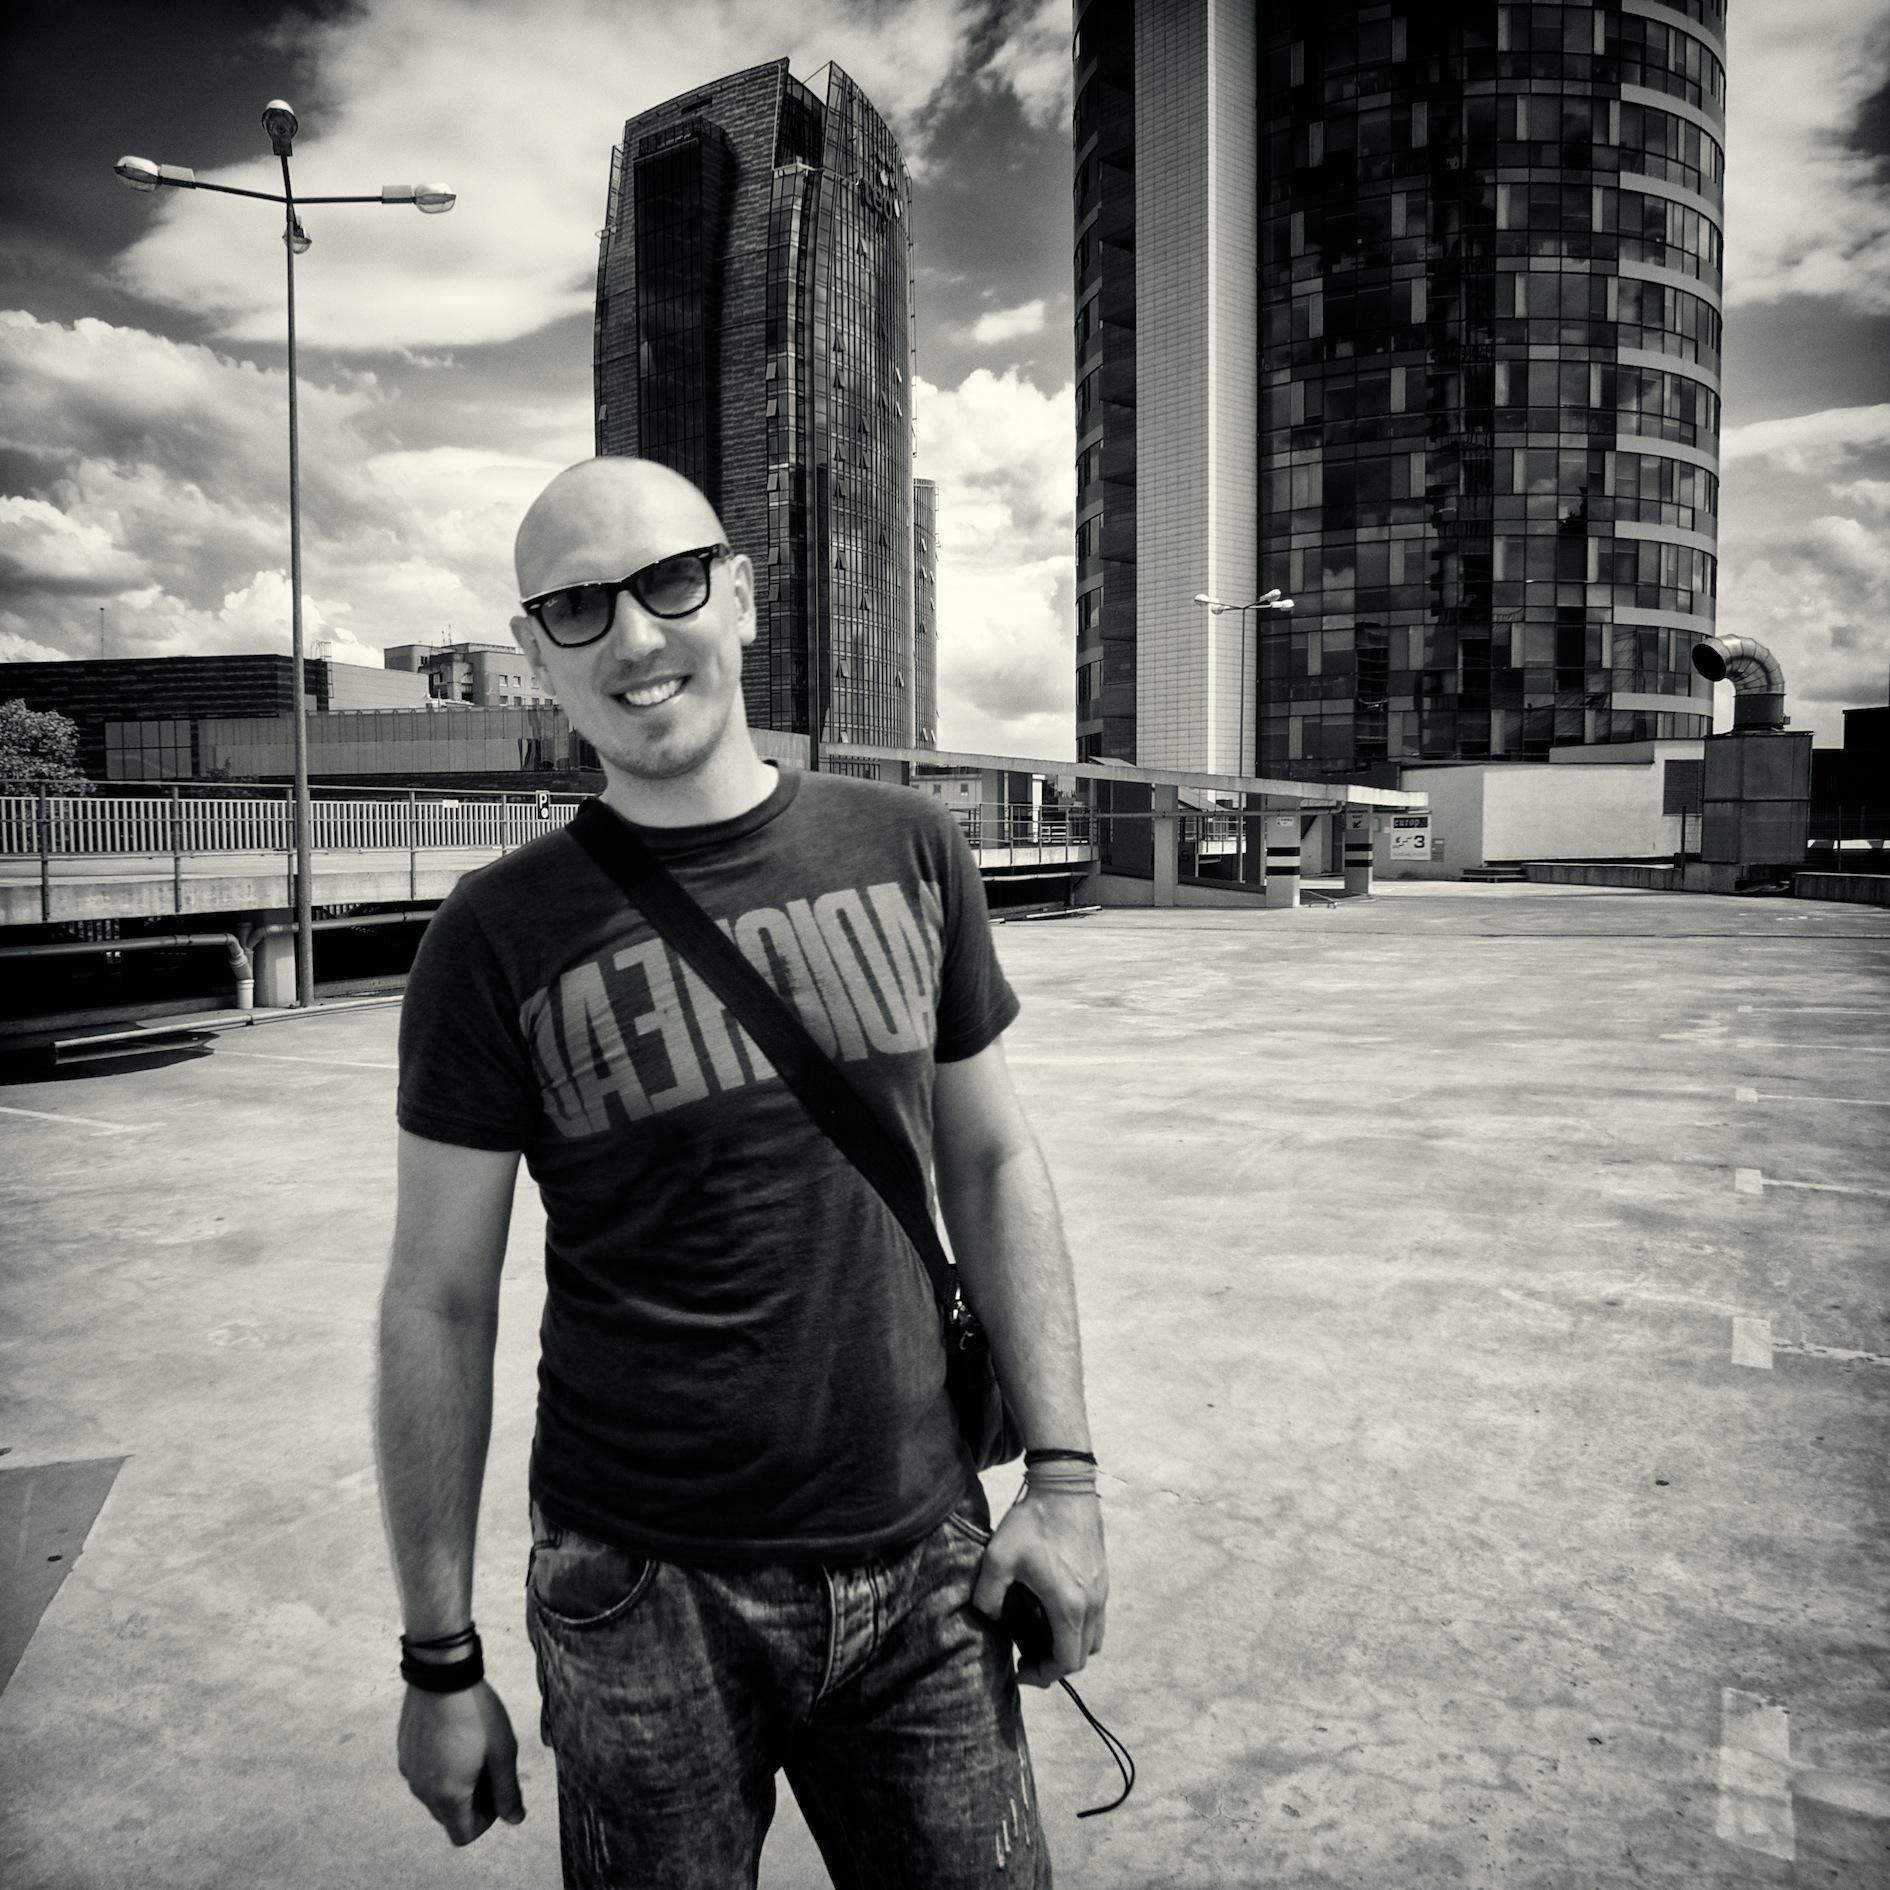 Muzikantų vadybininkas V.Stackevičius: tuo metu, kai mūsų kaimynai sutelkę jėgas veikia bendrai, lietuviai konkuruoja tarpusavyje